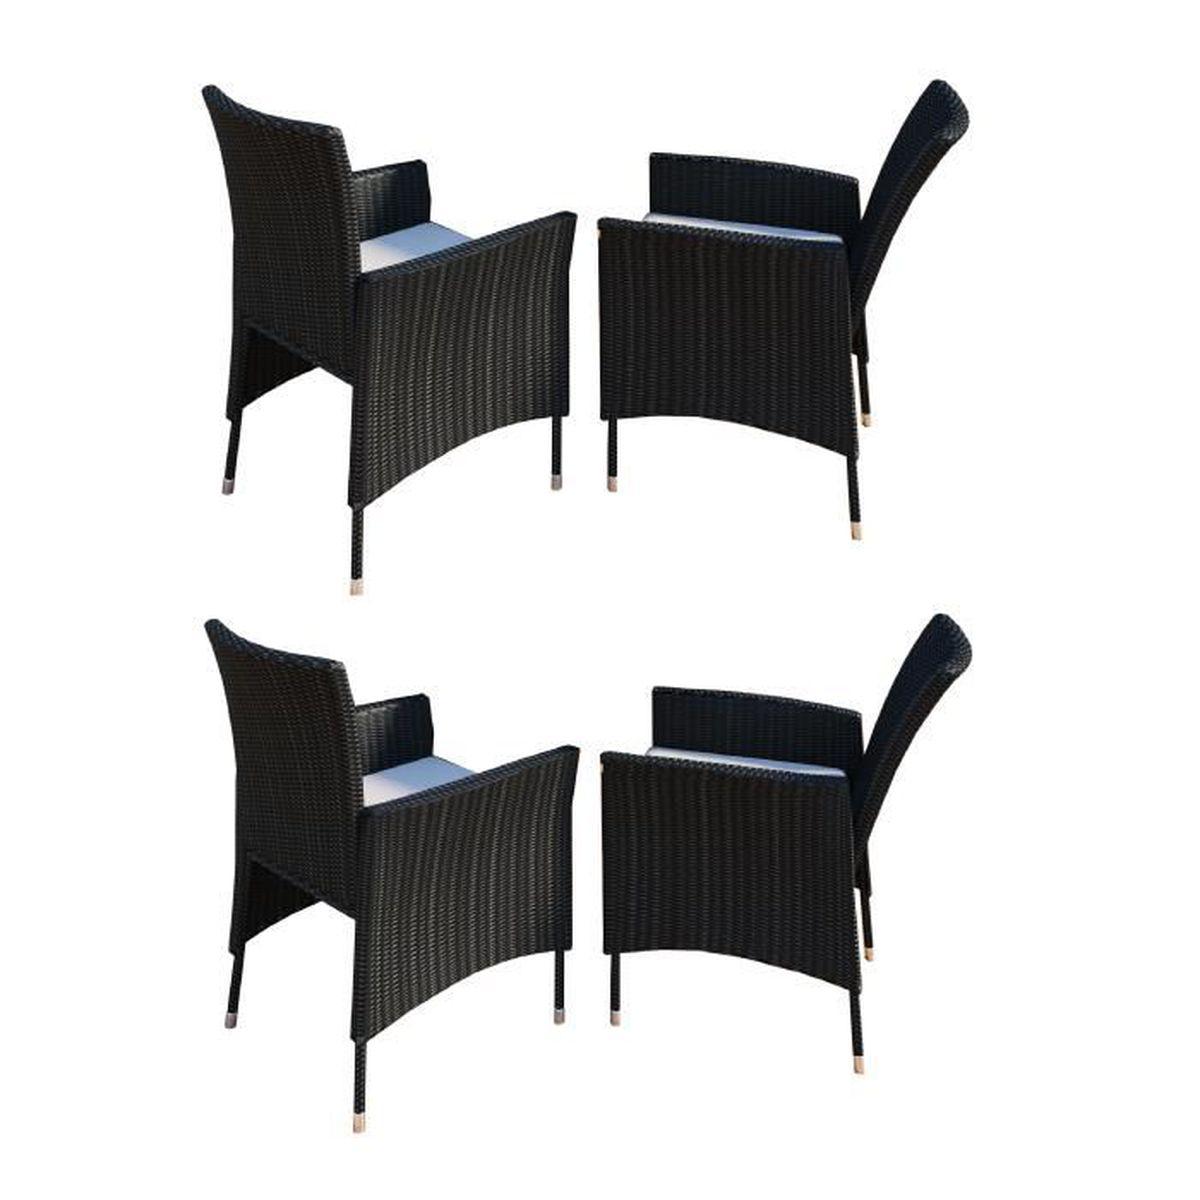 4x Chaise de jardin Rotin avec coussin Noir - Achat / Vente fauteuil ...